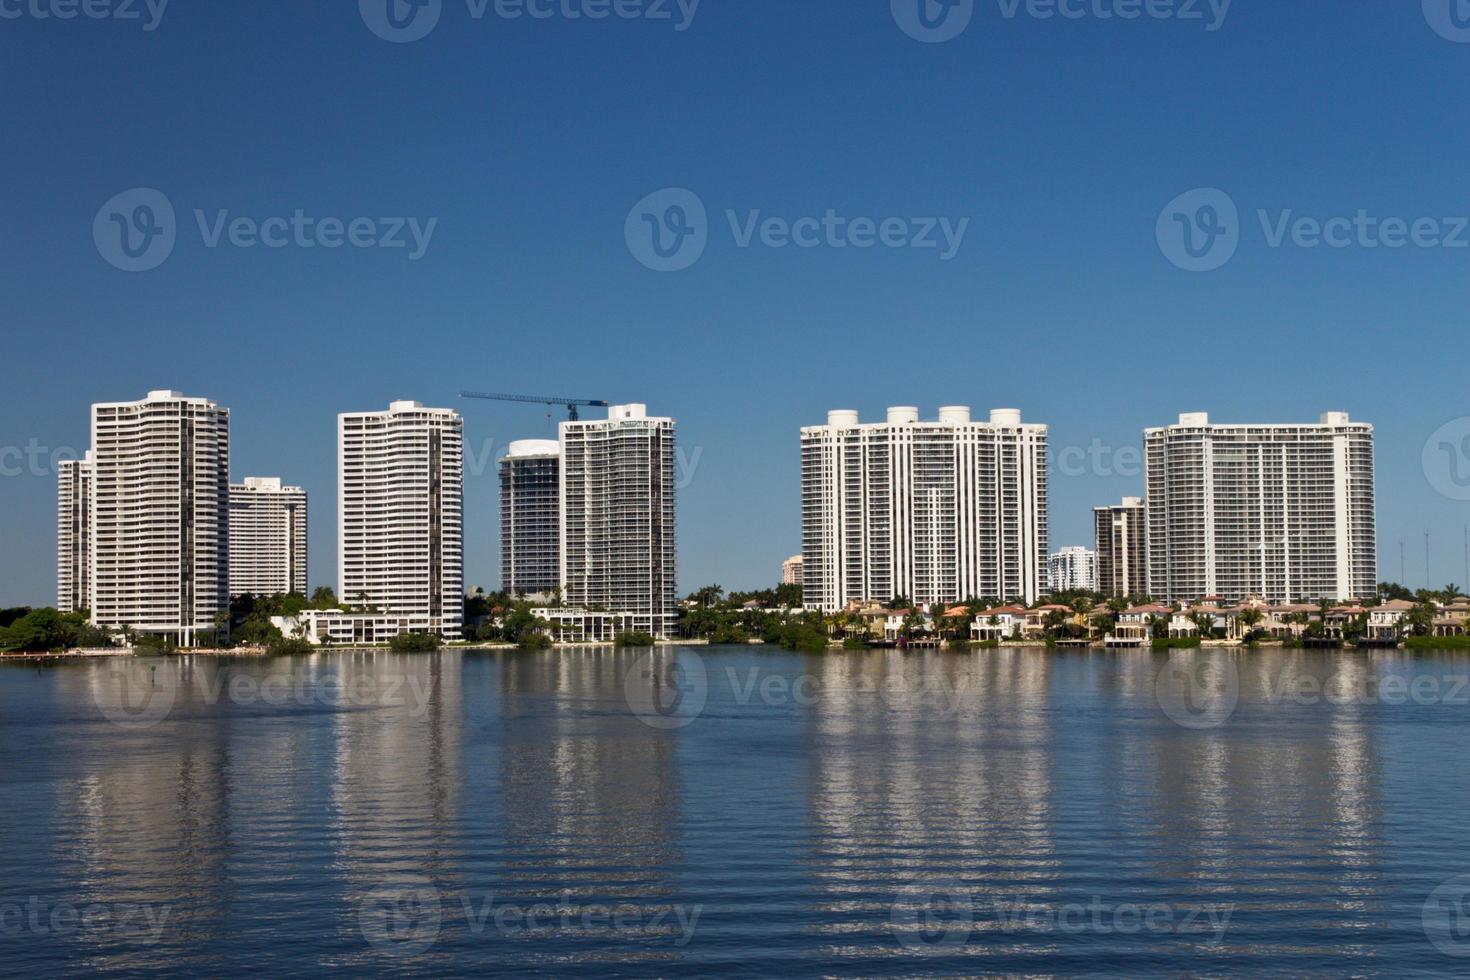 Condominium buildings in Miami, Florida. photo